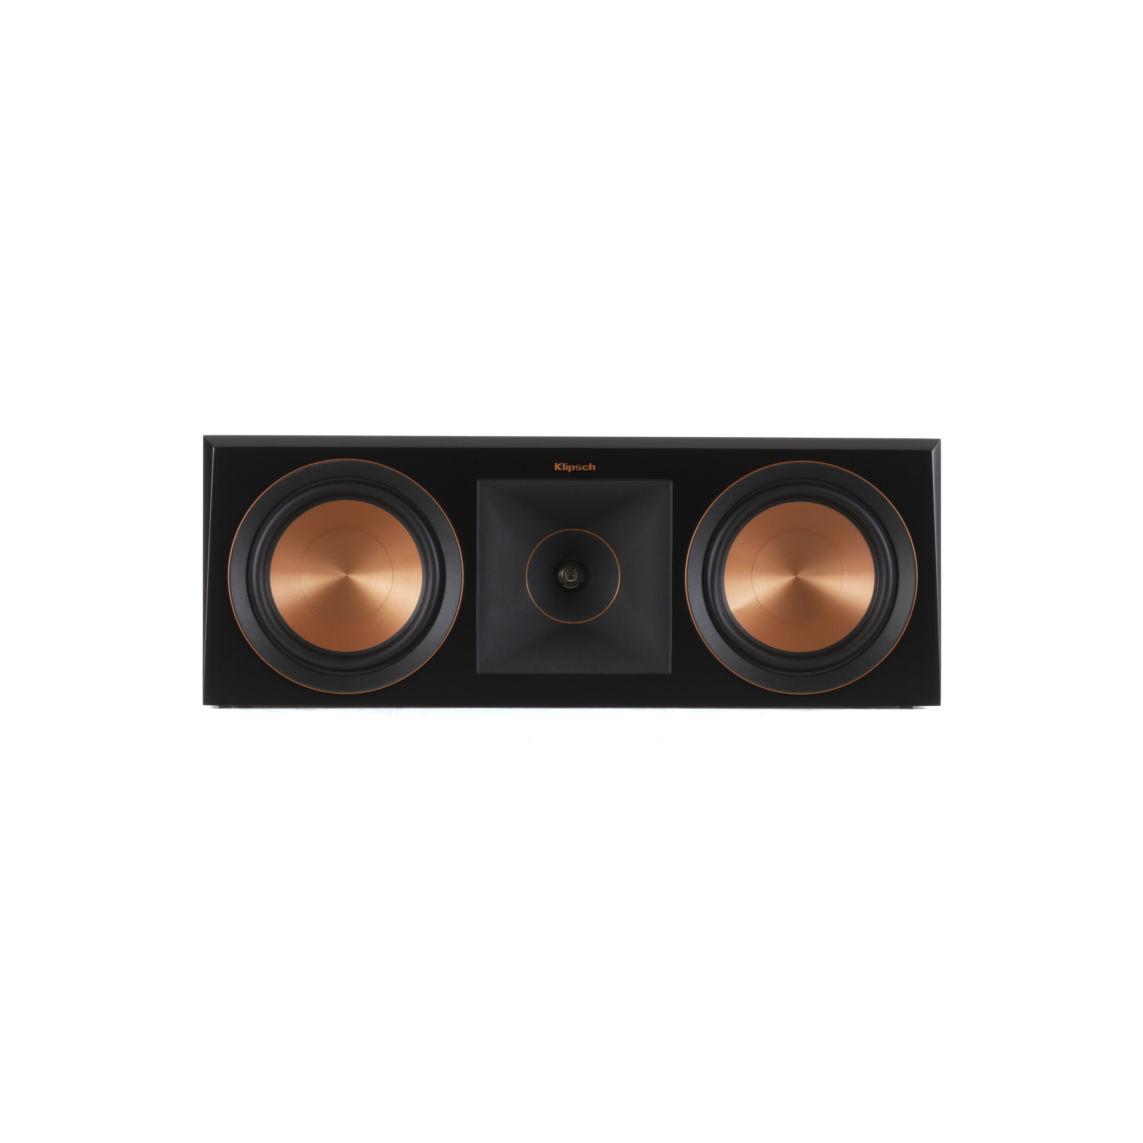 Klipsch Klipsch RP-600C center channel speaker